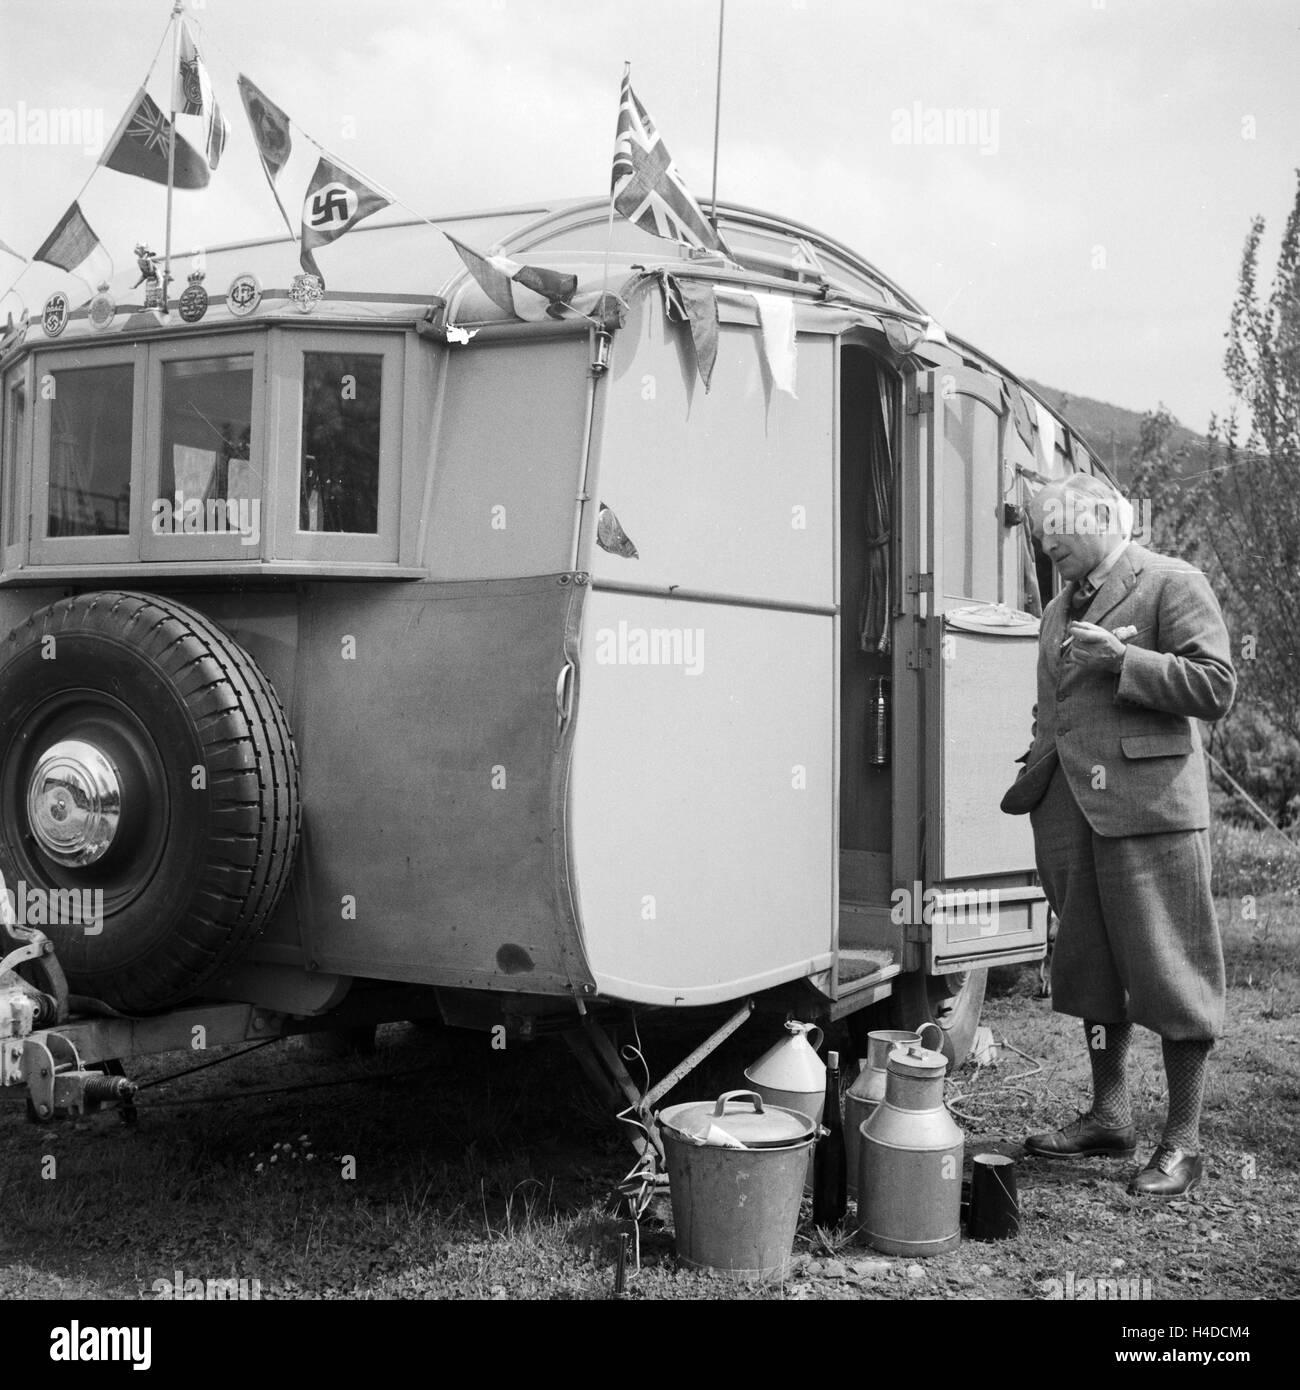 teardrop caravan deutschland